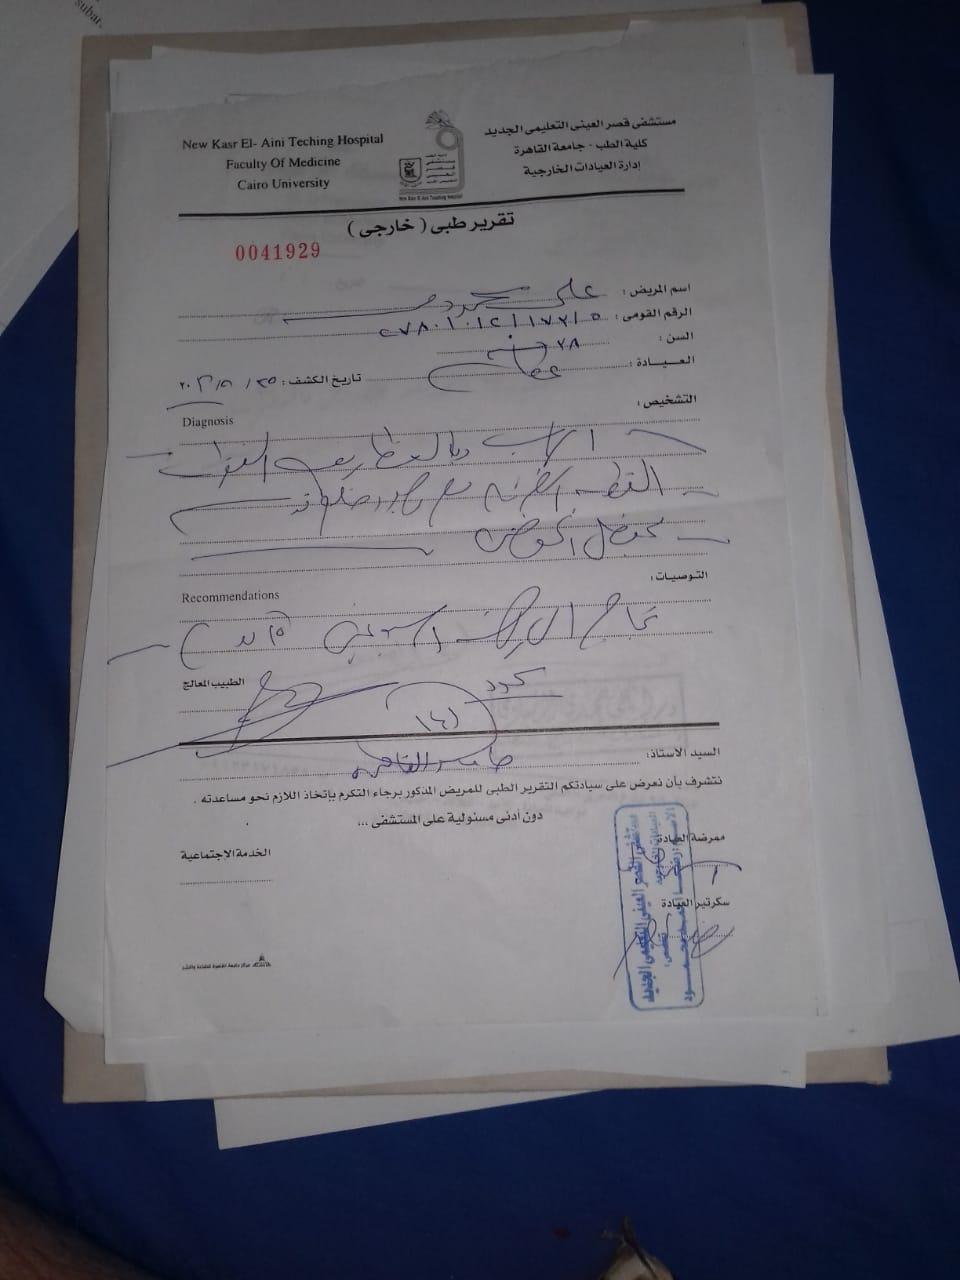 شهادات وتقارير طبية تثبت اصابة الحالة (3)